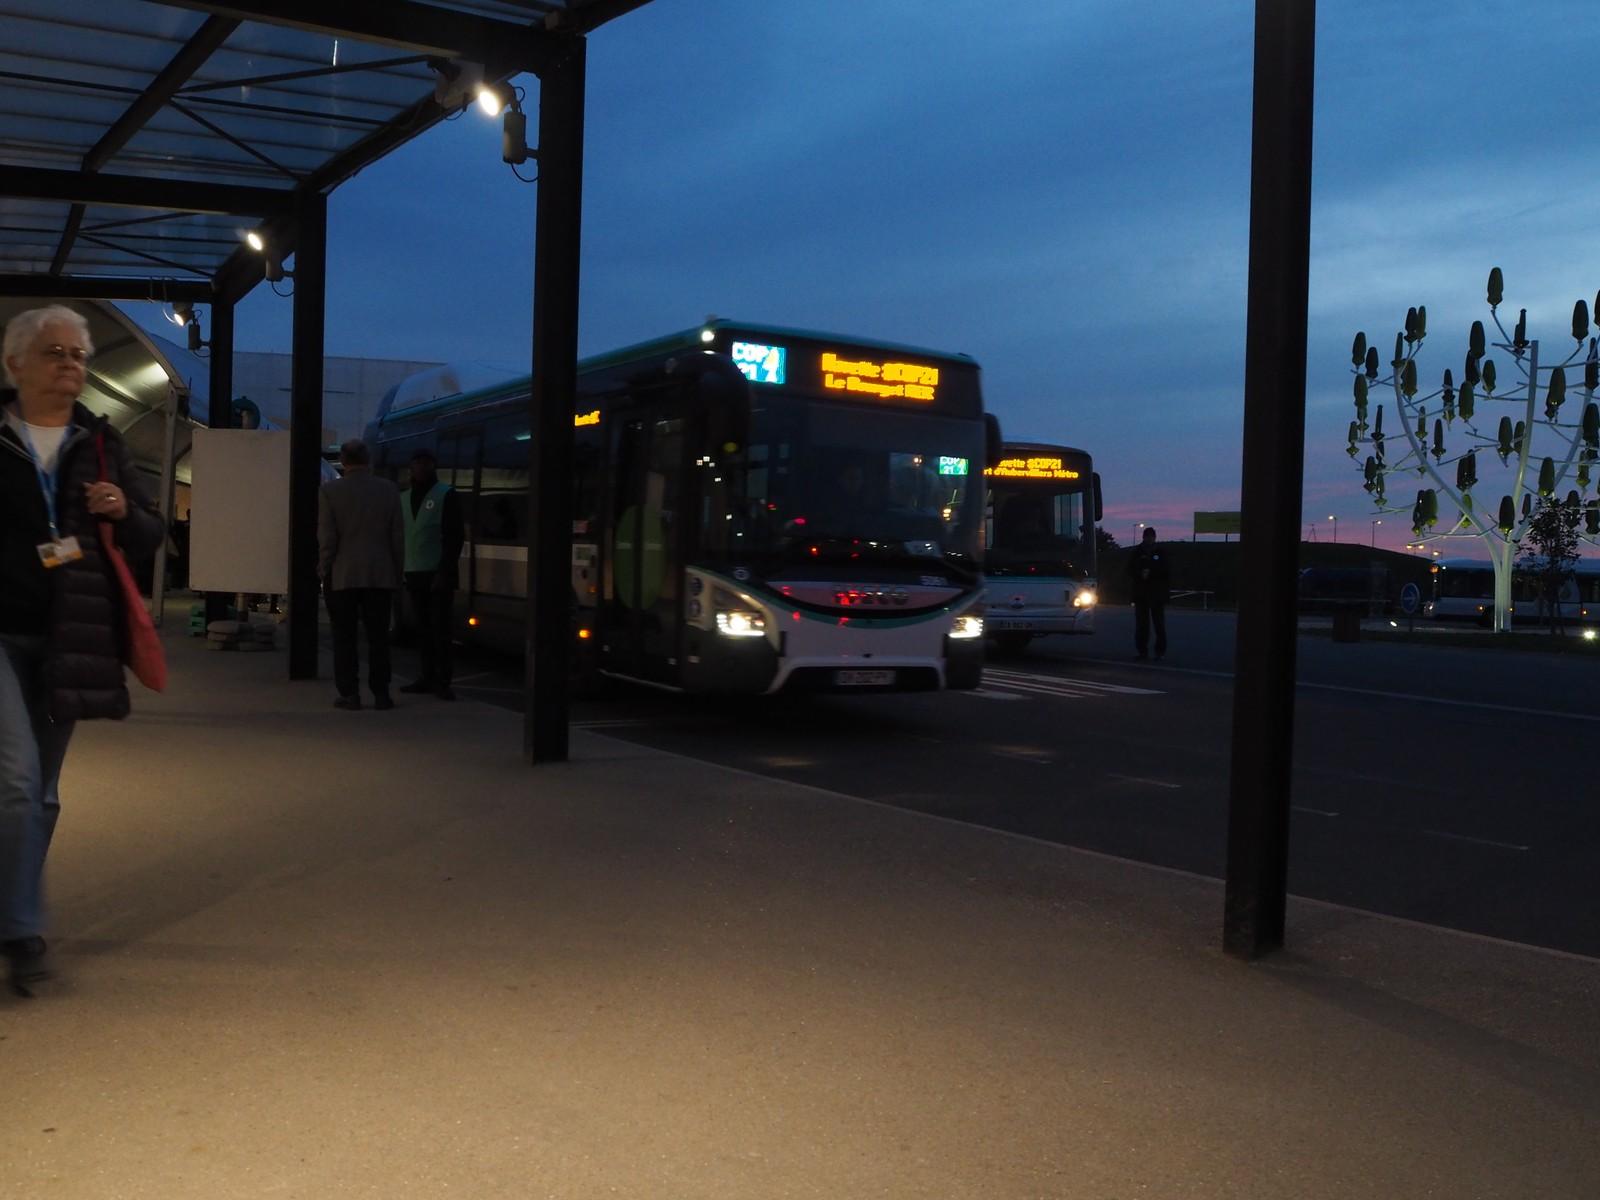 Gratisbussene kjører utrettelig mellom forskjellige stasjoner og konferanseområdet Le Bourget.